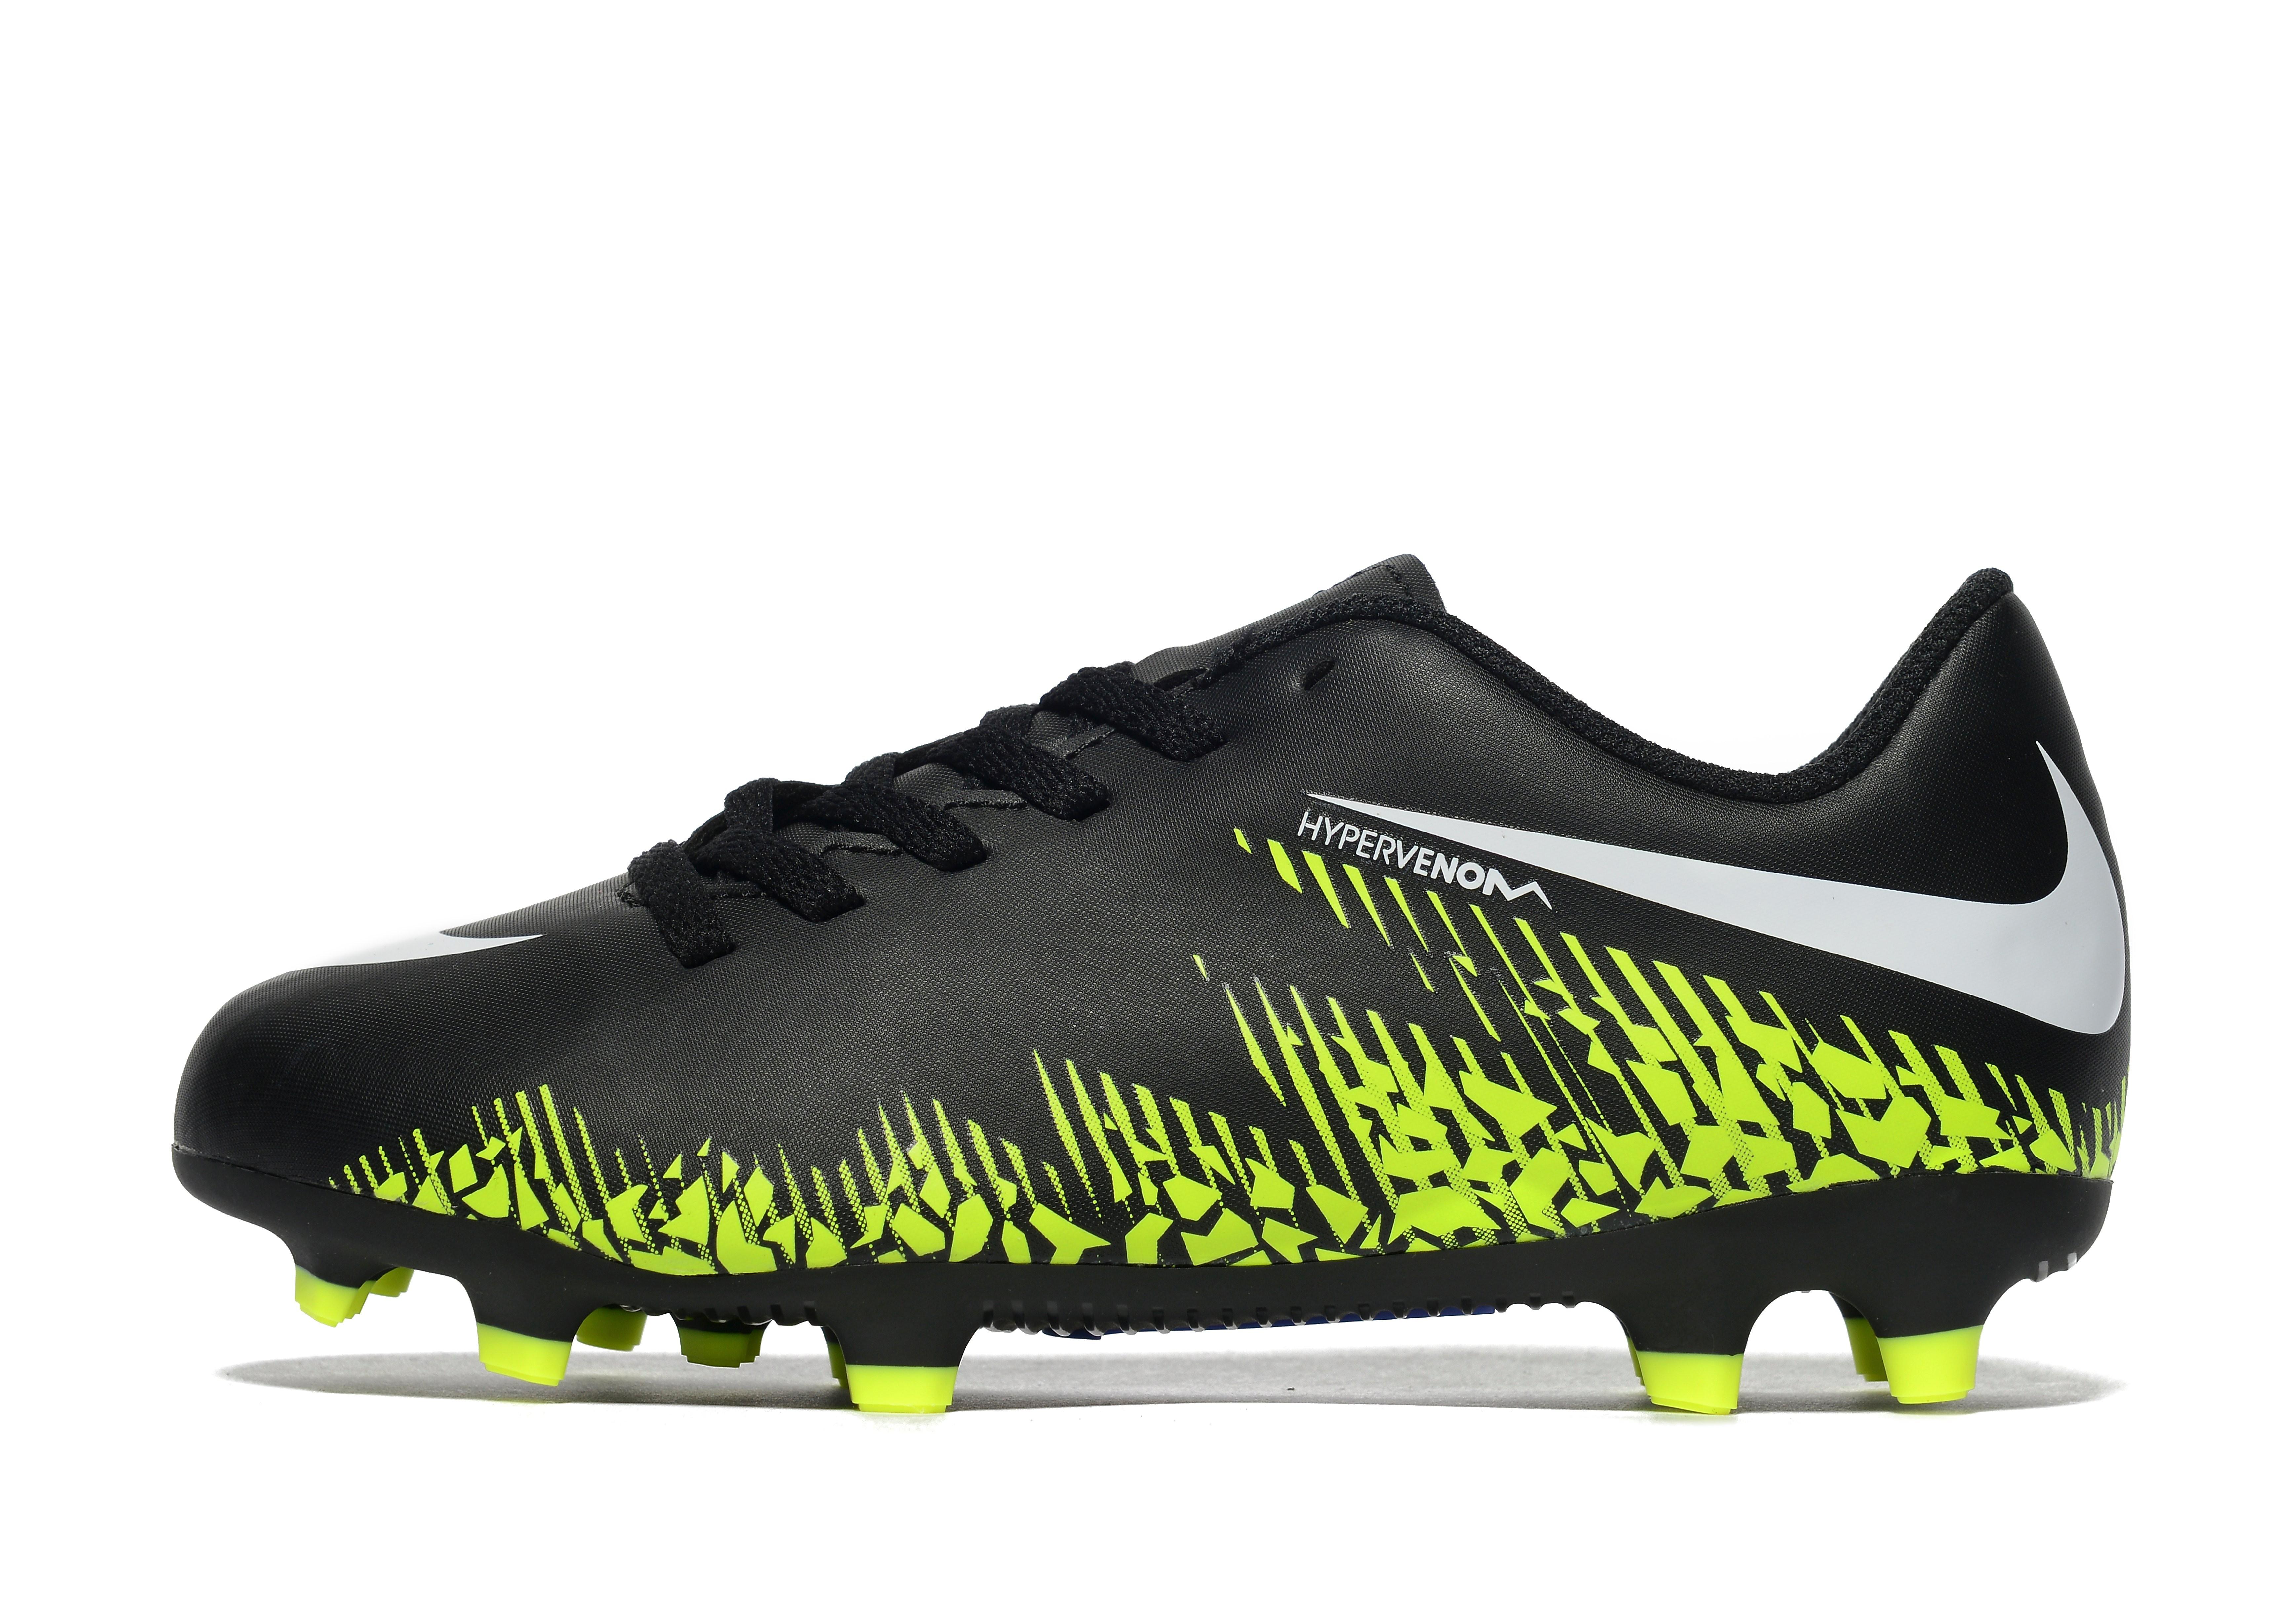 Nike Dark Lightning Hypervenom Phade II FG Children